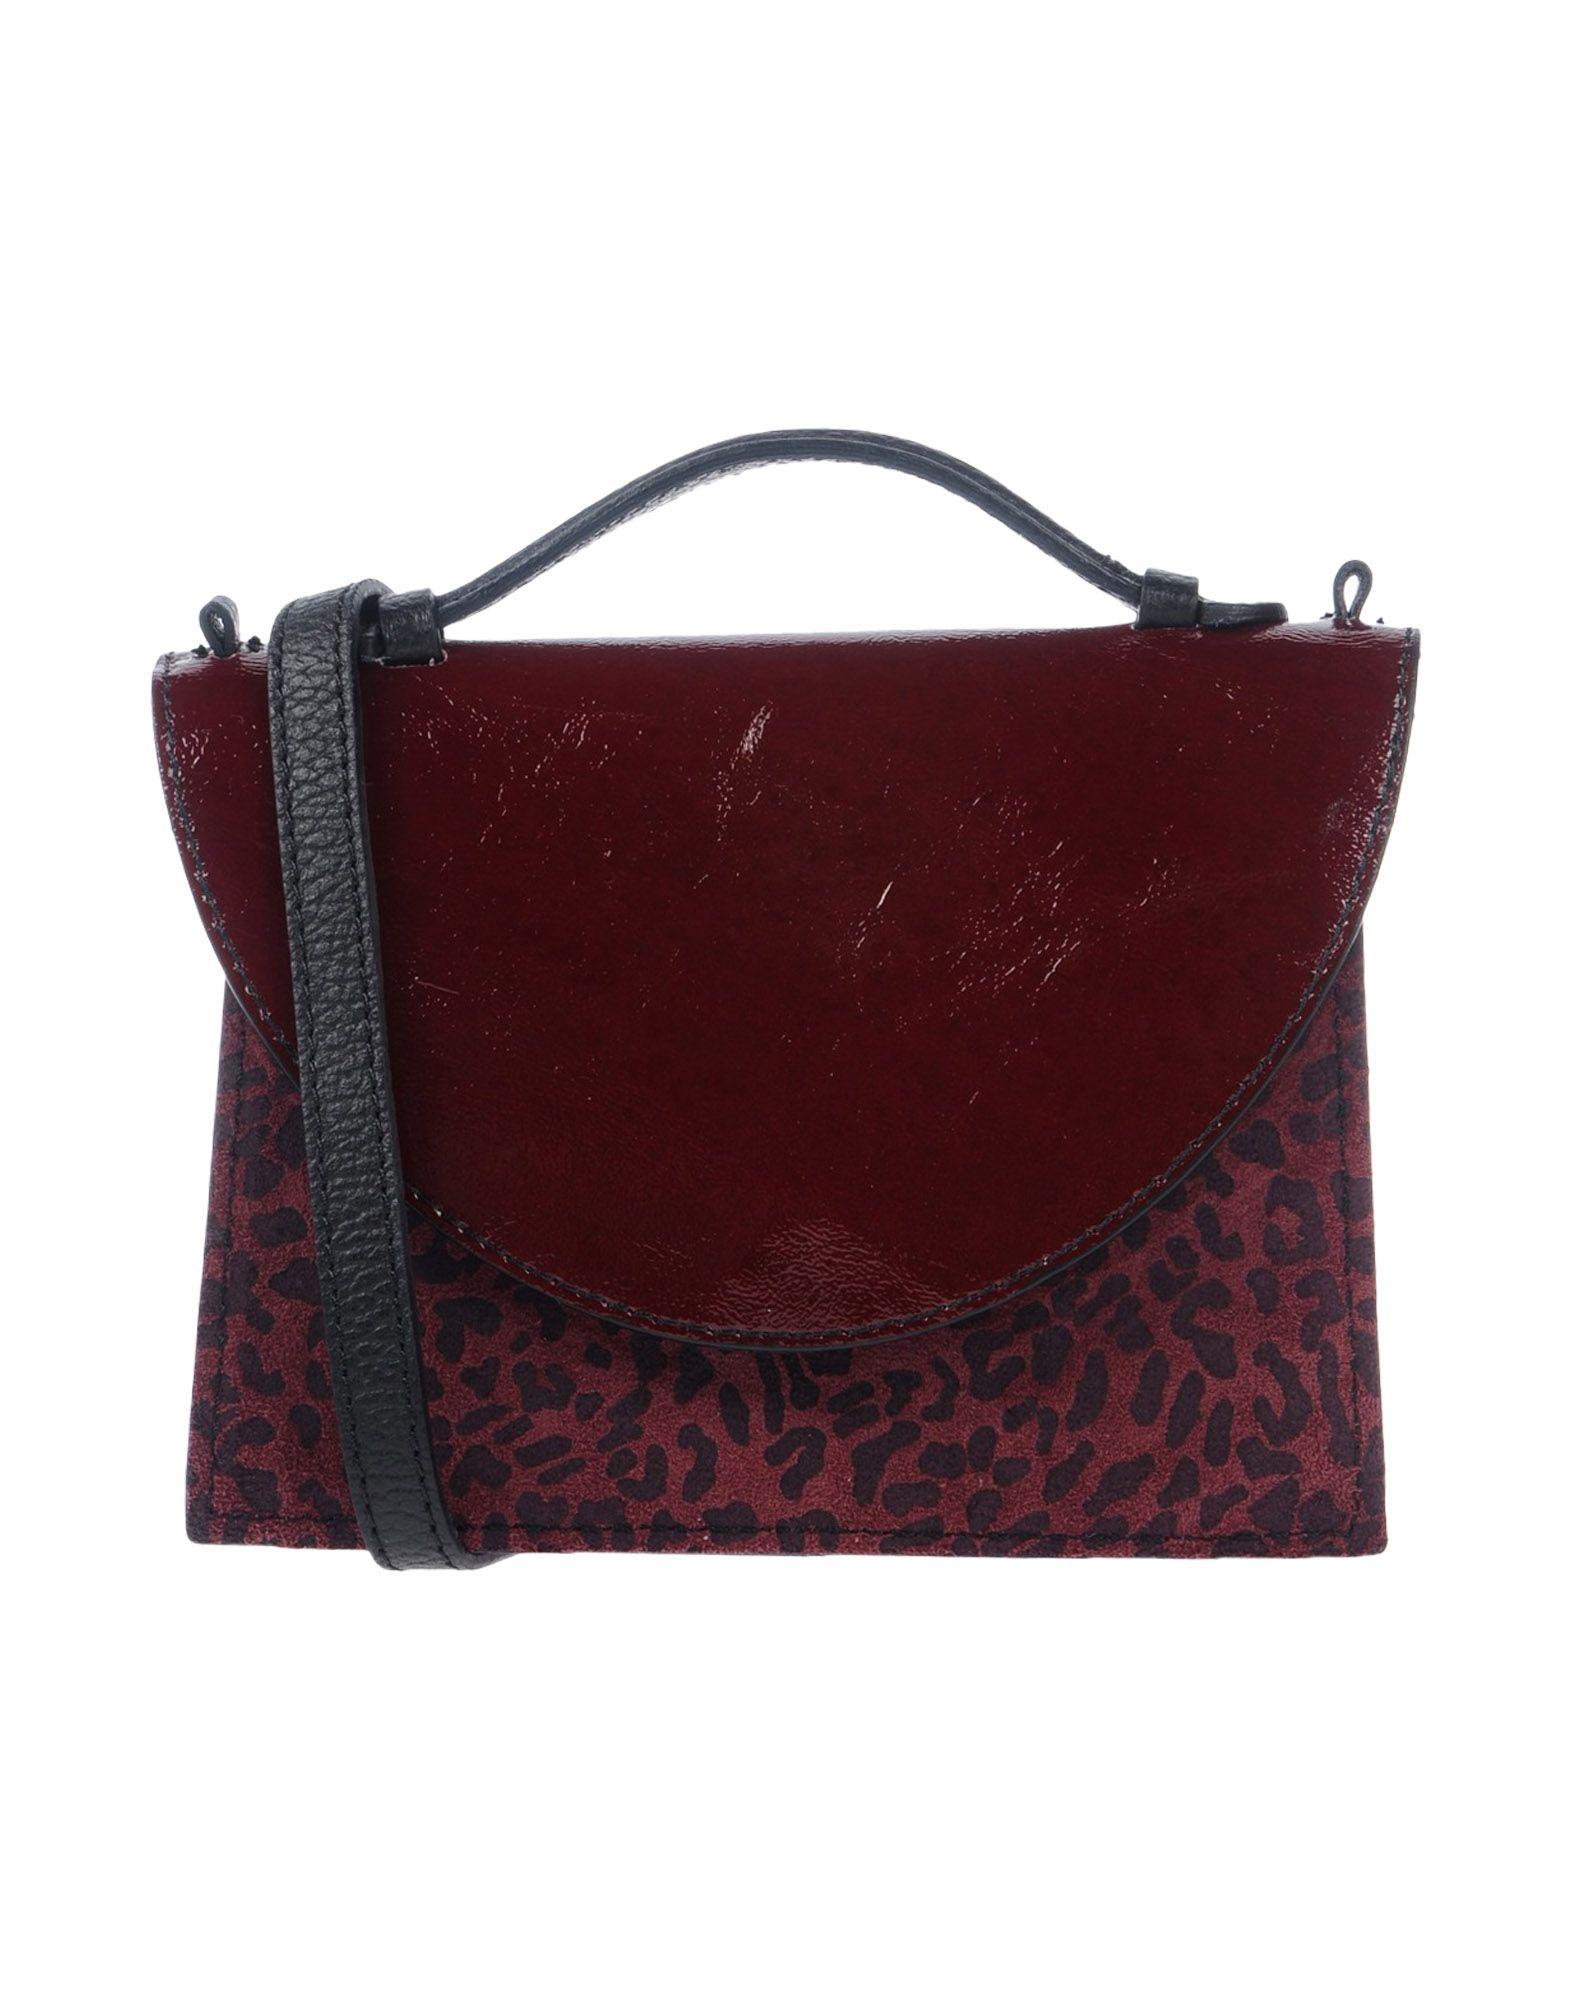 IMEMOI Handbag in Maroon